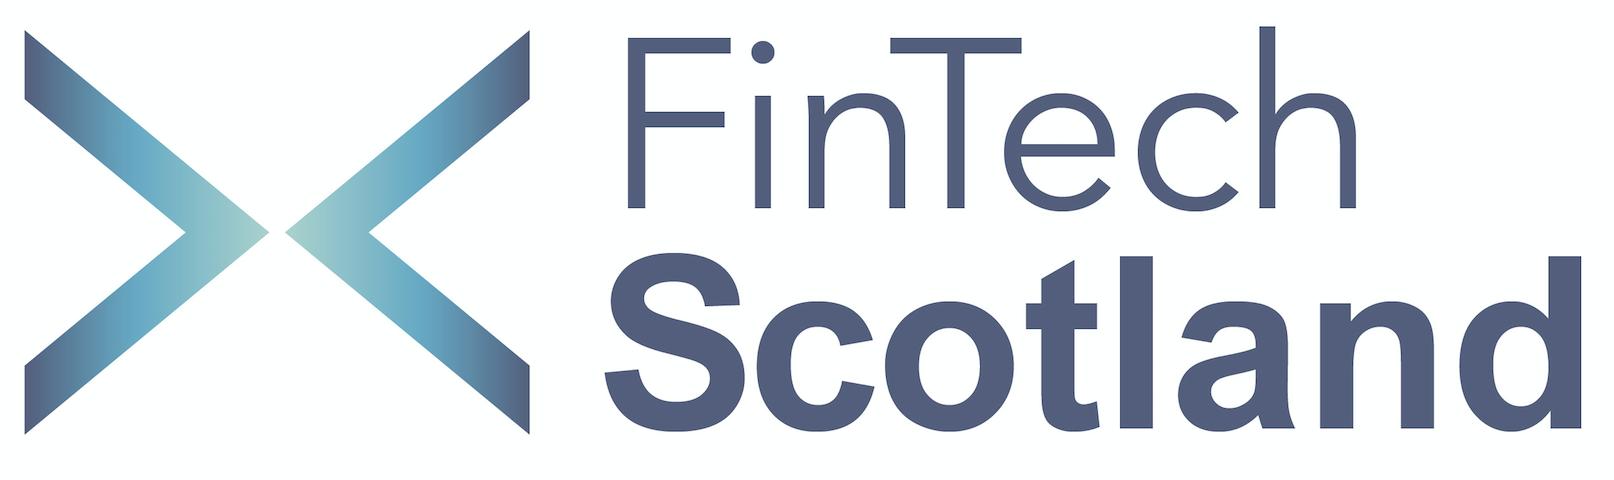 fintech scotland